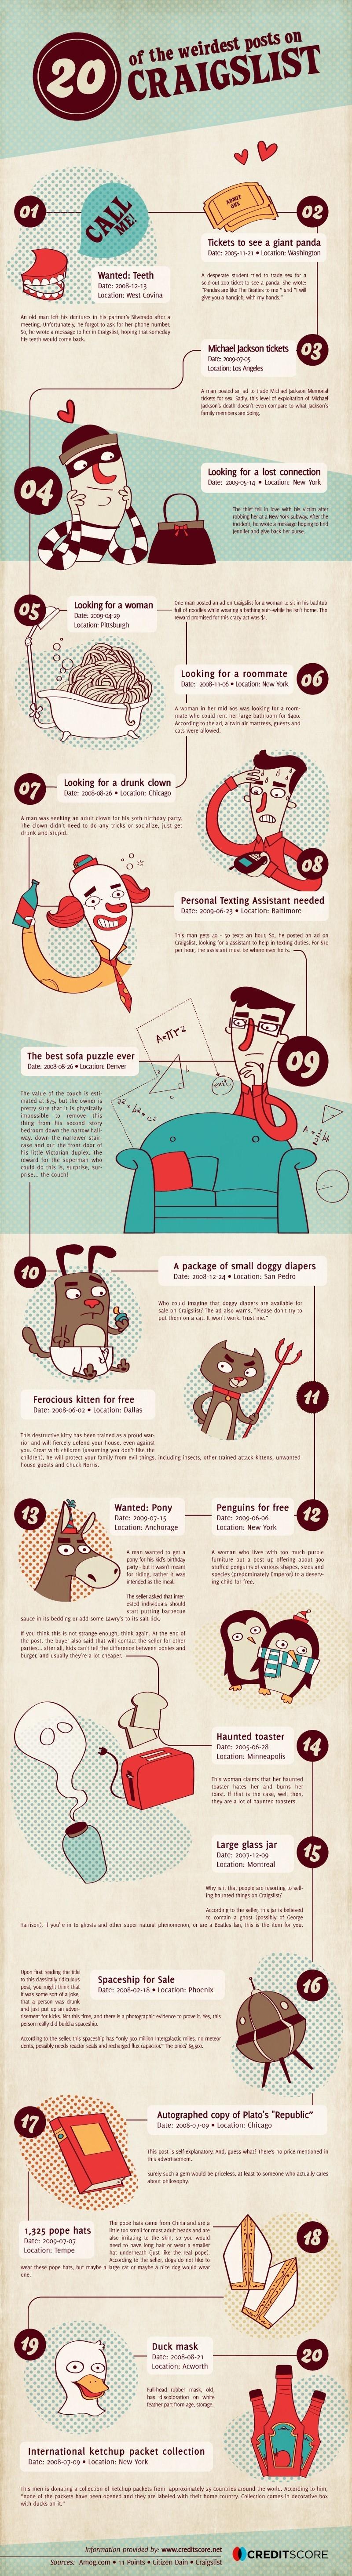 20 of the weirdest posts on Craiglist [Infographic]